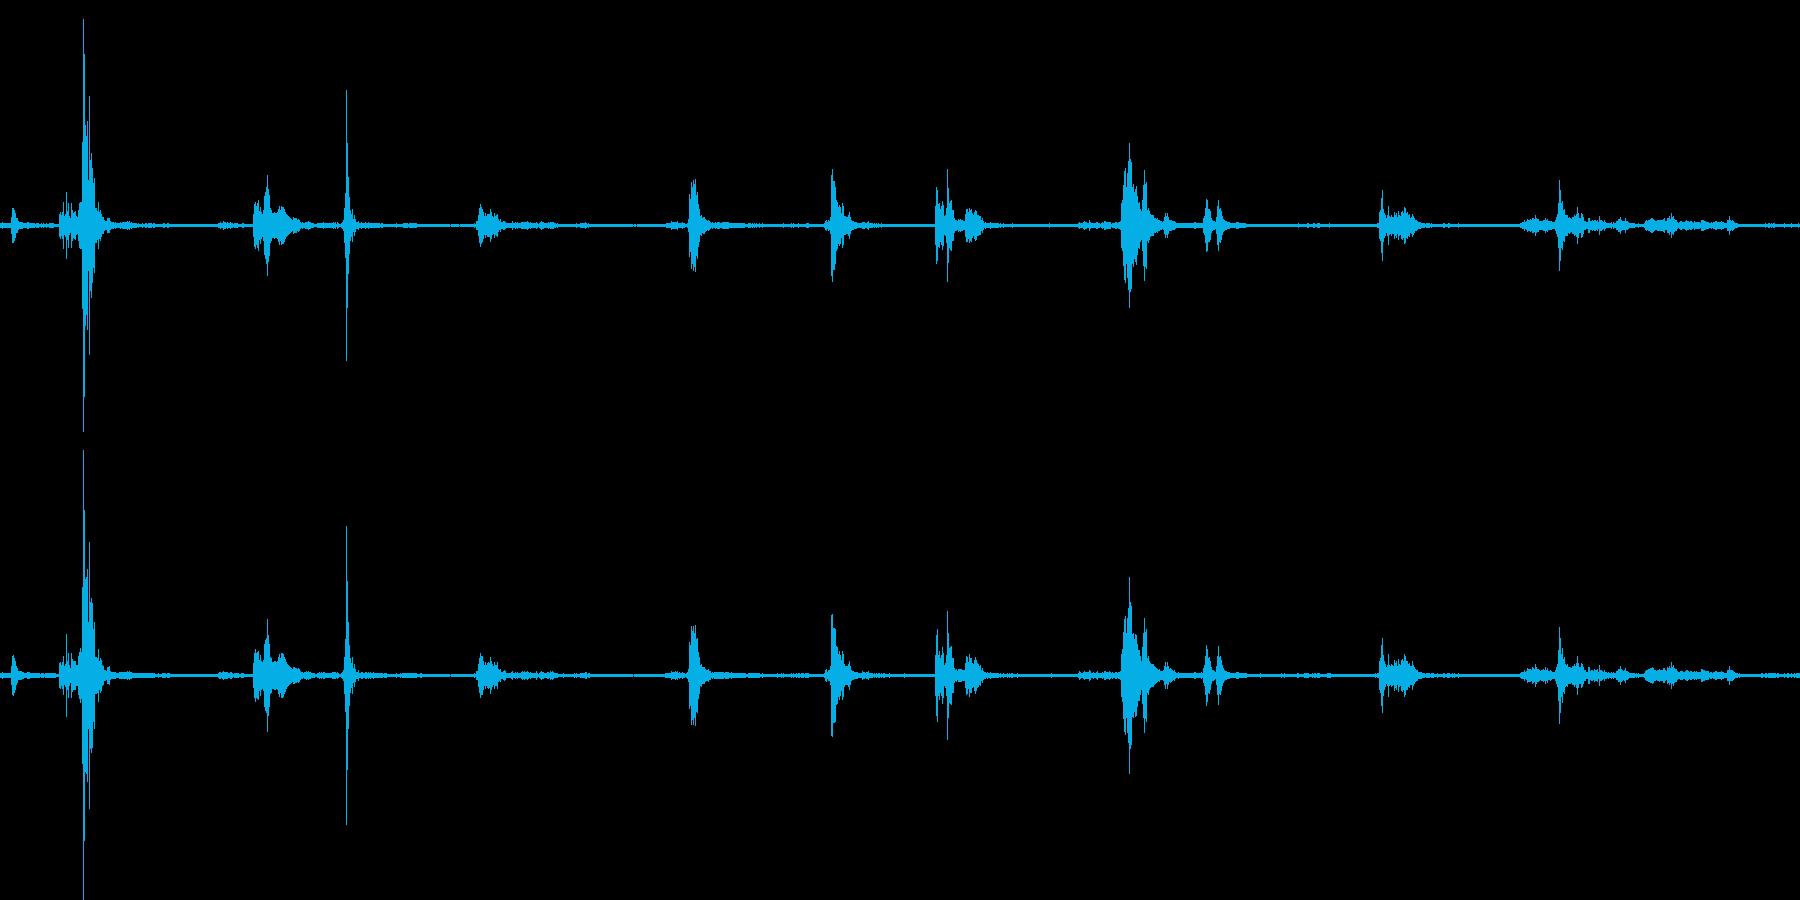 【生音】雷 - 雨が降る前の雷の音 「…の再生済みの波形